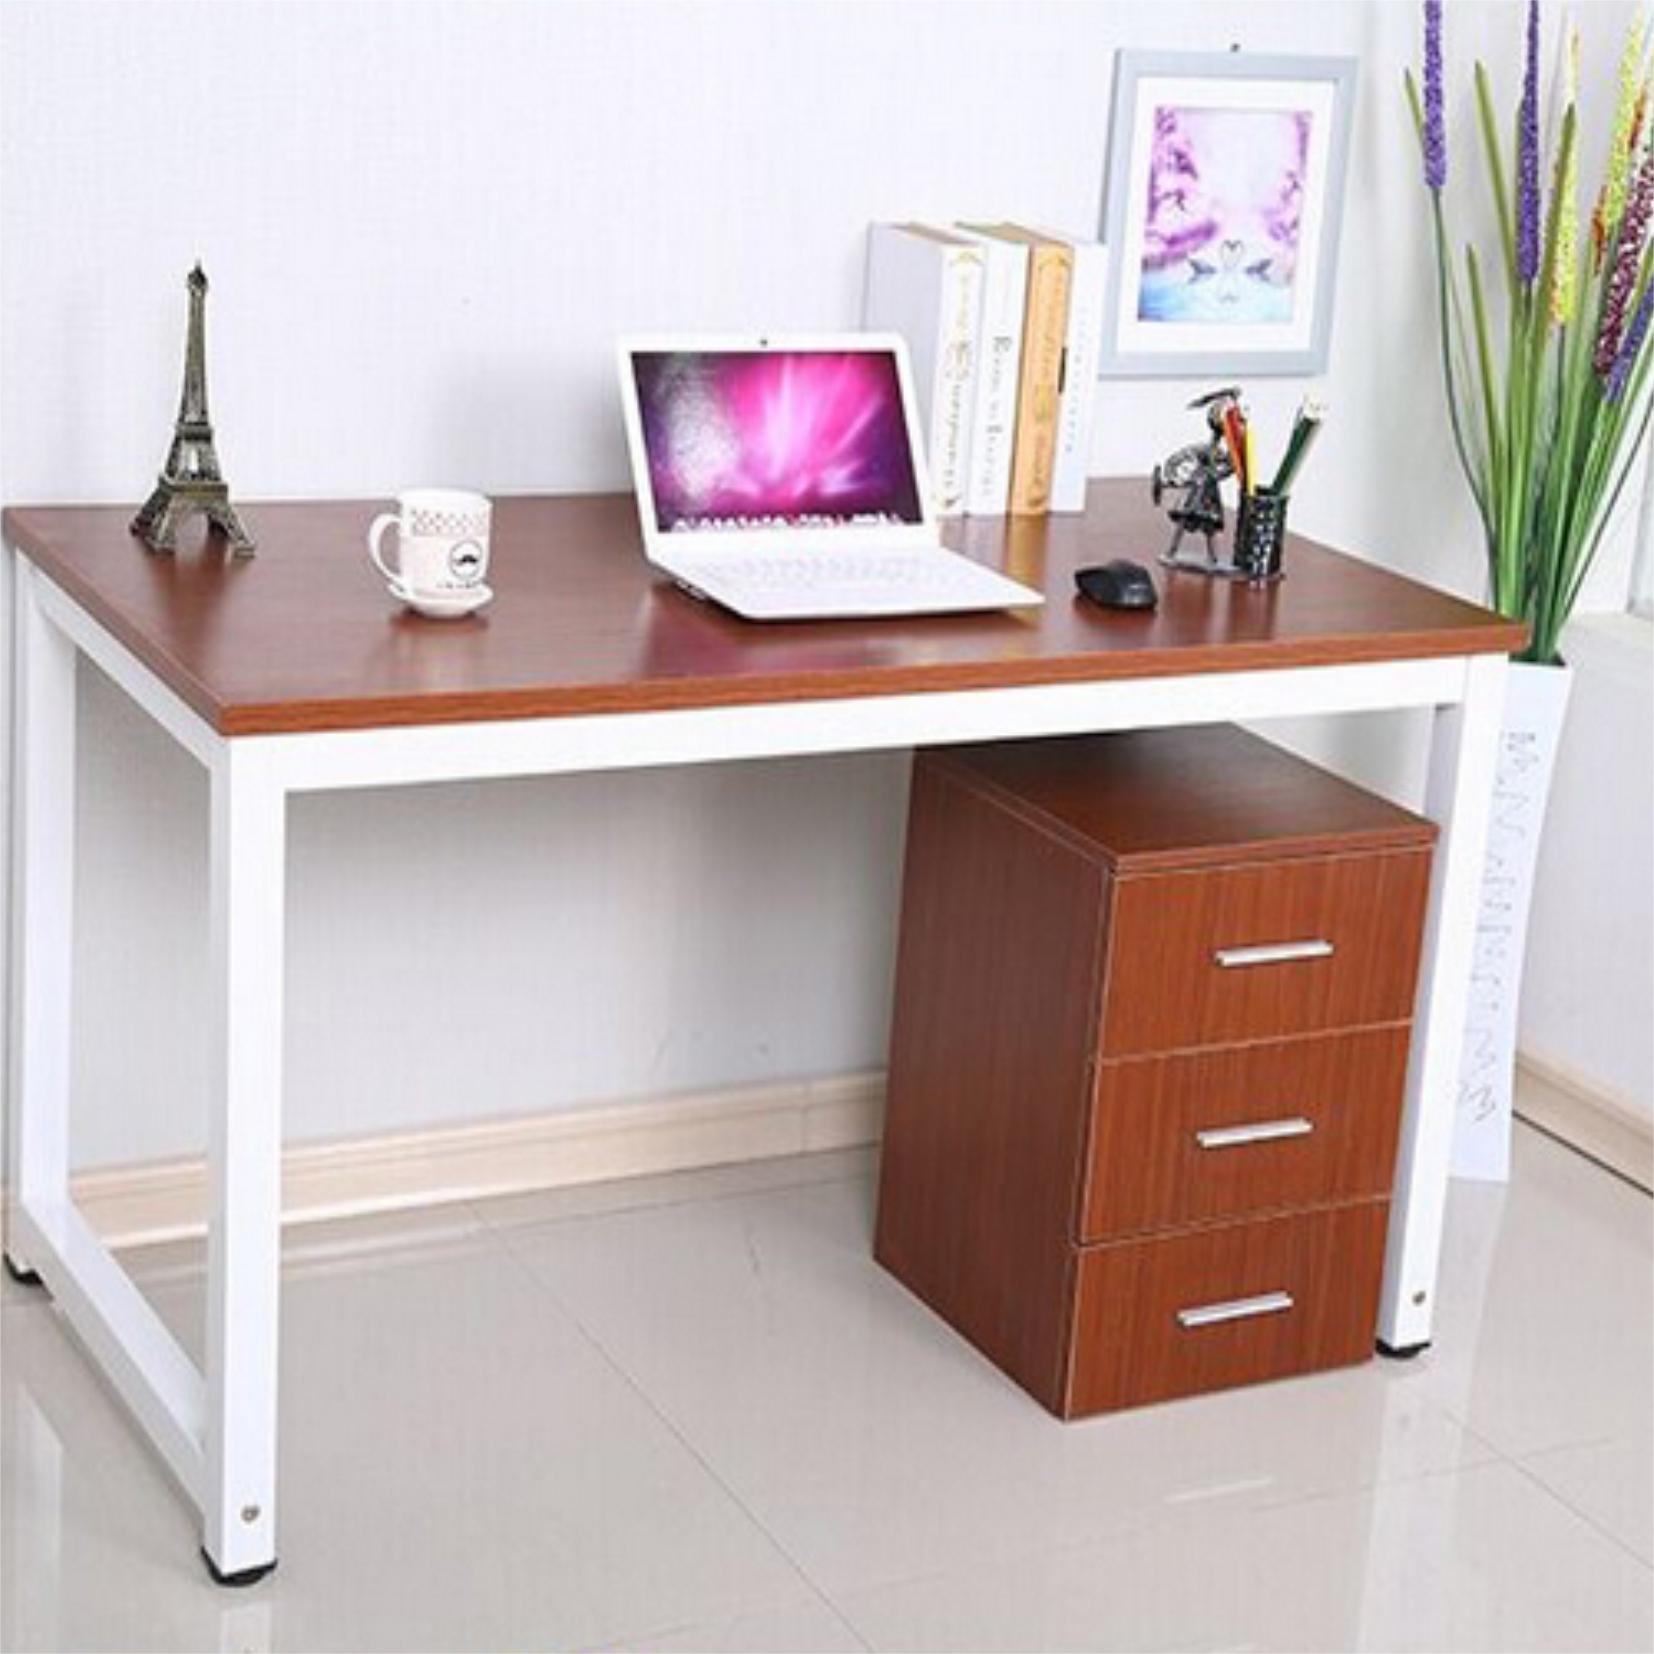 Bàn văn Phòng đơn giản , hiện đại BVP 02